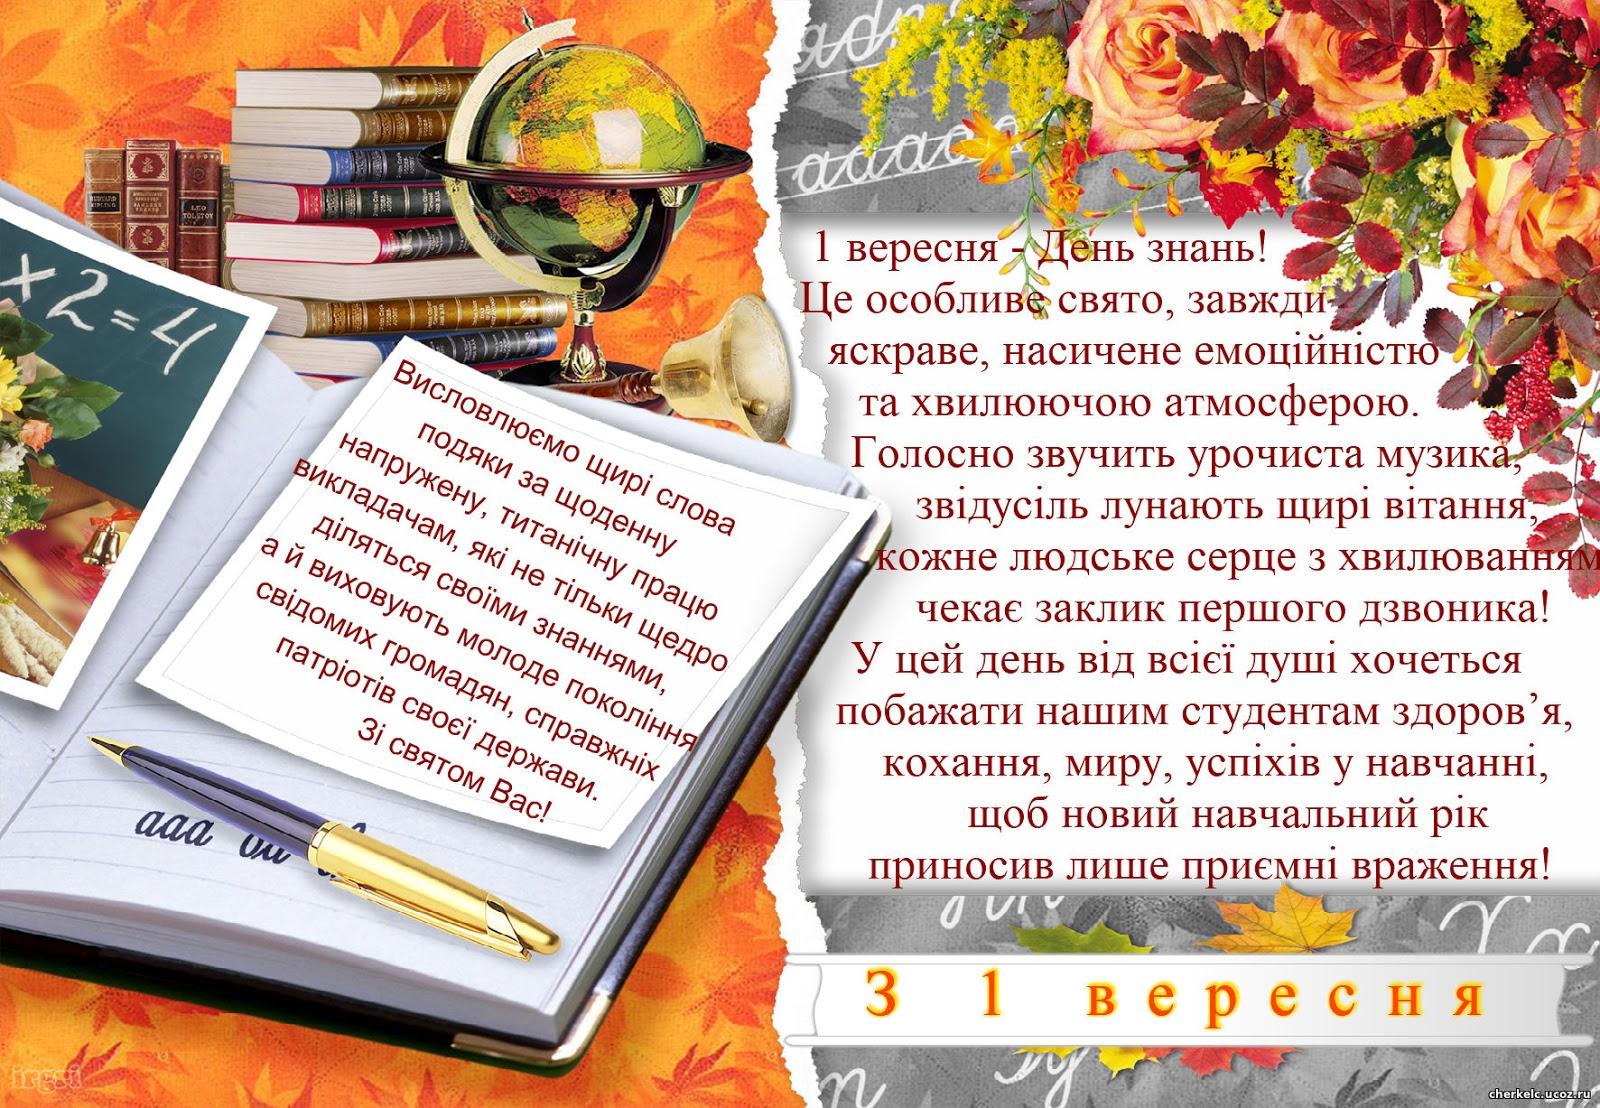 Открытки, открытки з днем знань